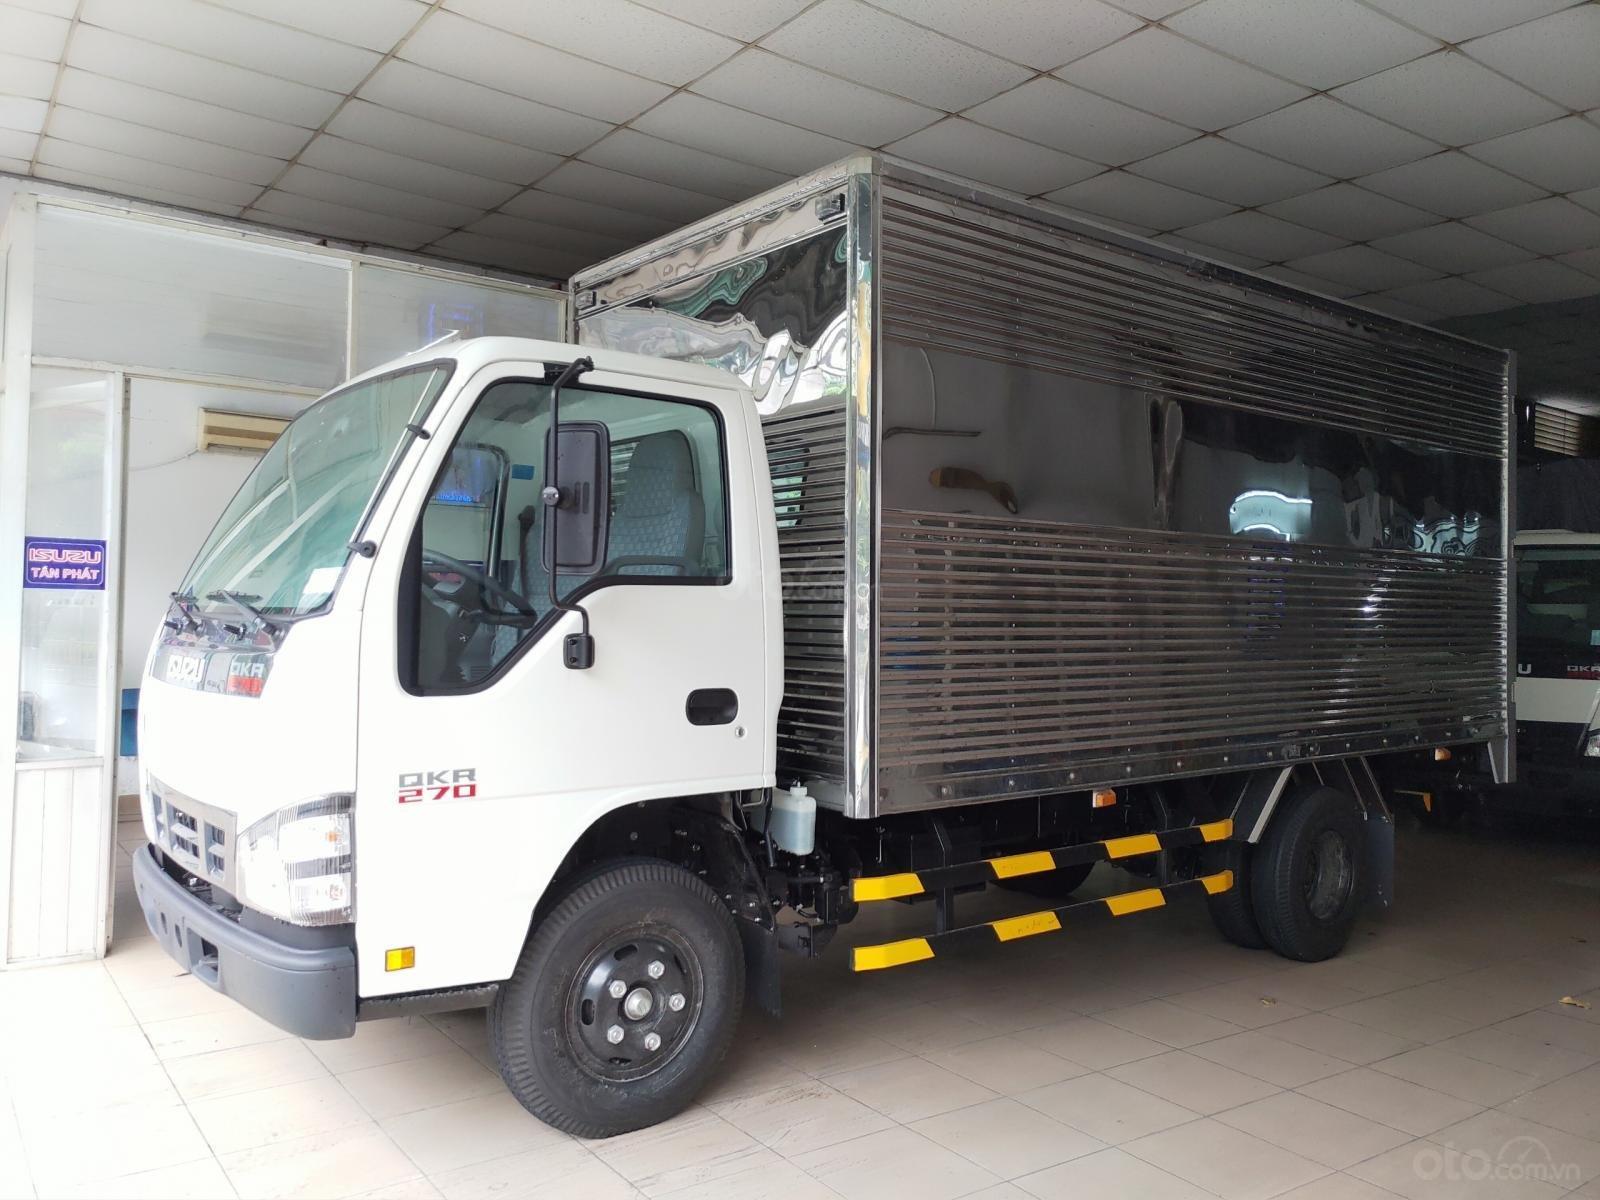 Isuzu 2850 kg, thùng dài 4m4, KM: 10.4tr tiền mặt, máy lạnh, 12 phiếu bảo dưỡng, radio MP3 (1)